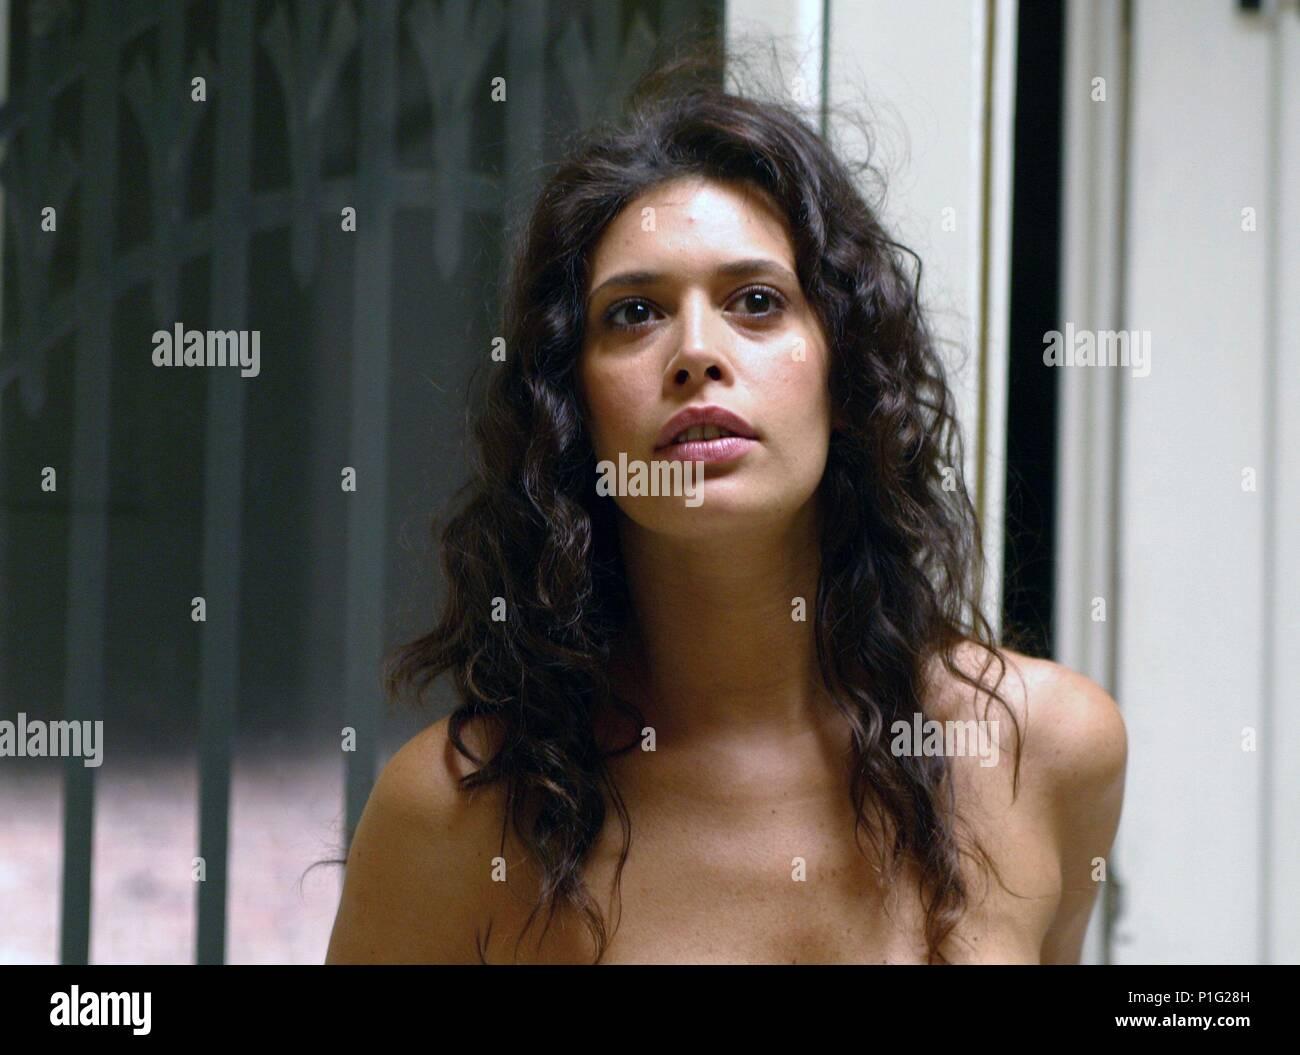 Angie Cepeda Scene original film title: oculto. english title: oculto. film